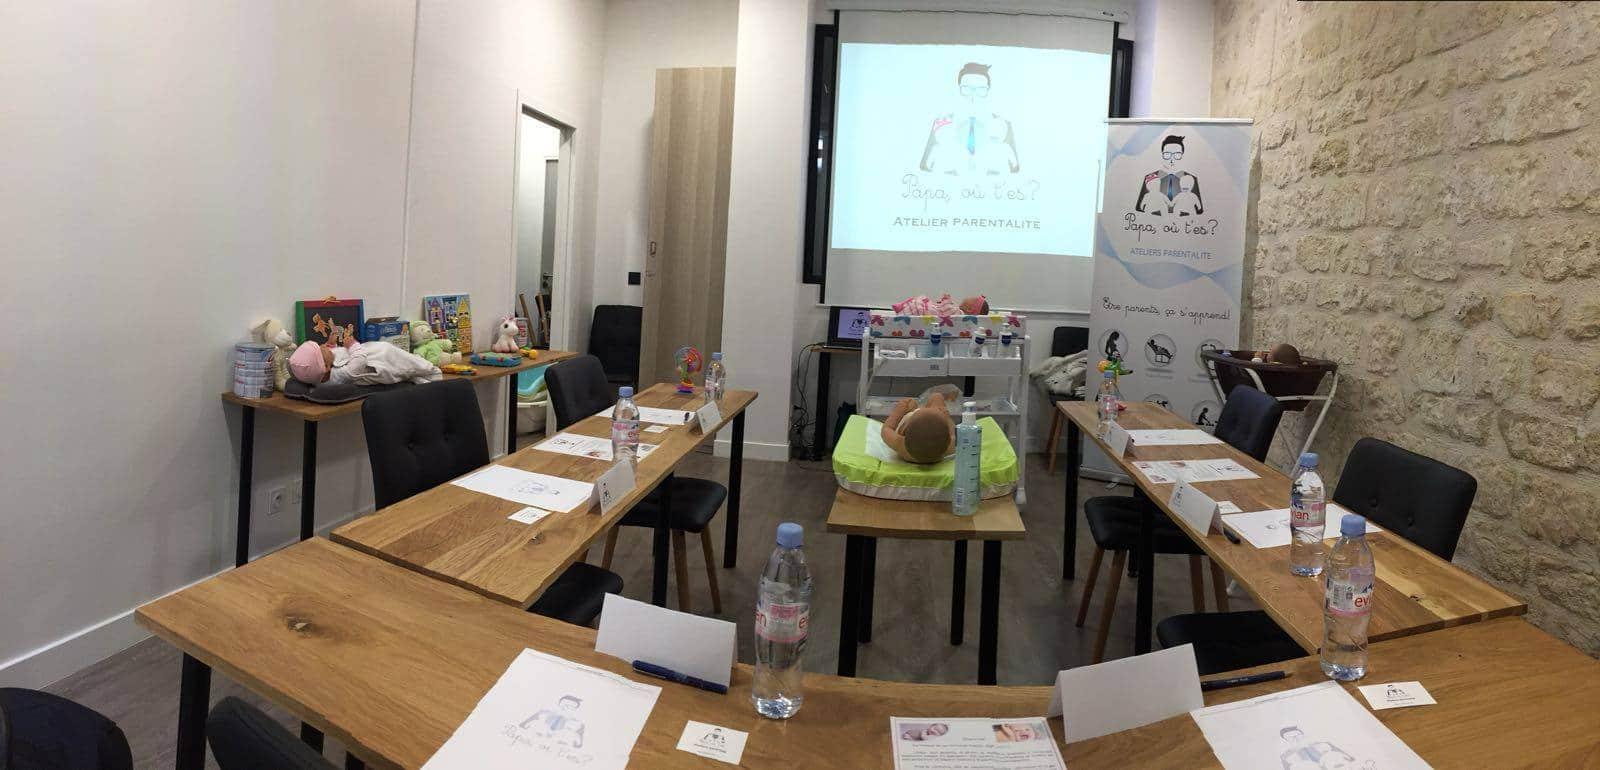 salle de formation pour préparer l'arrivée de bébé